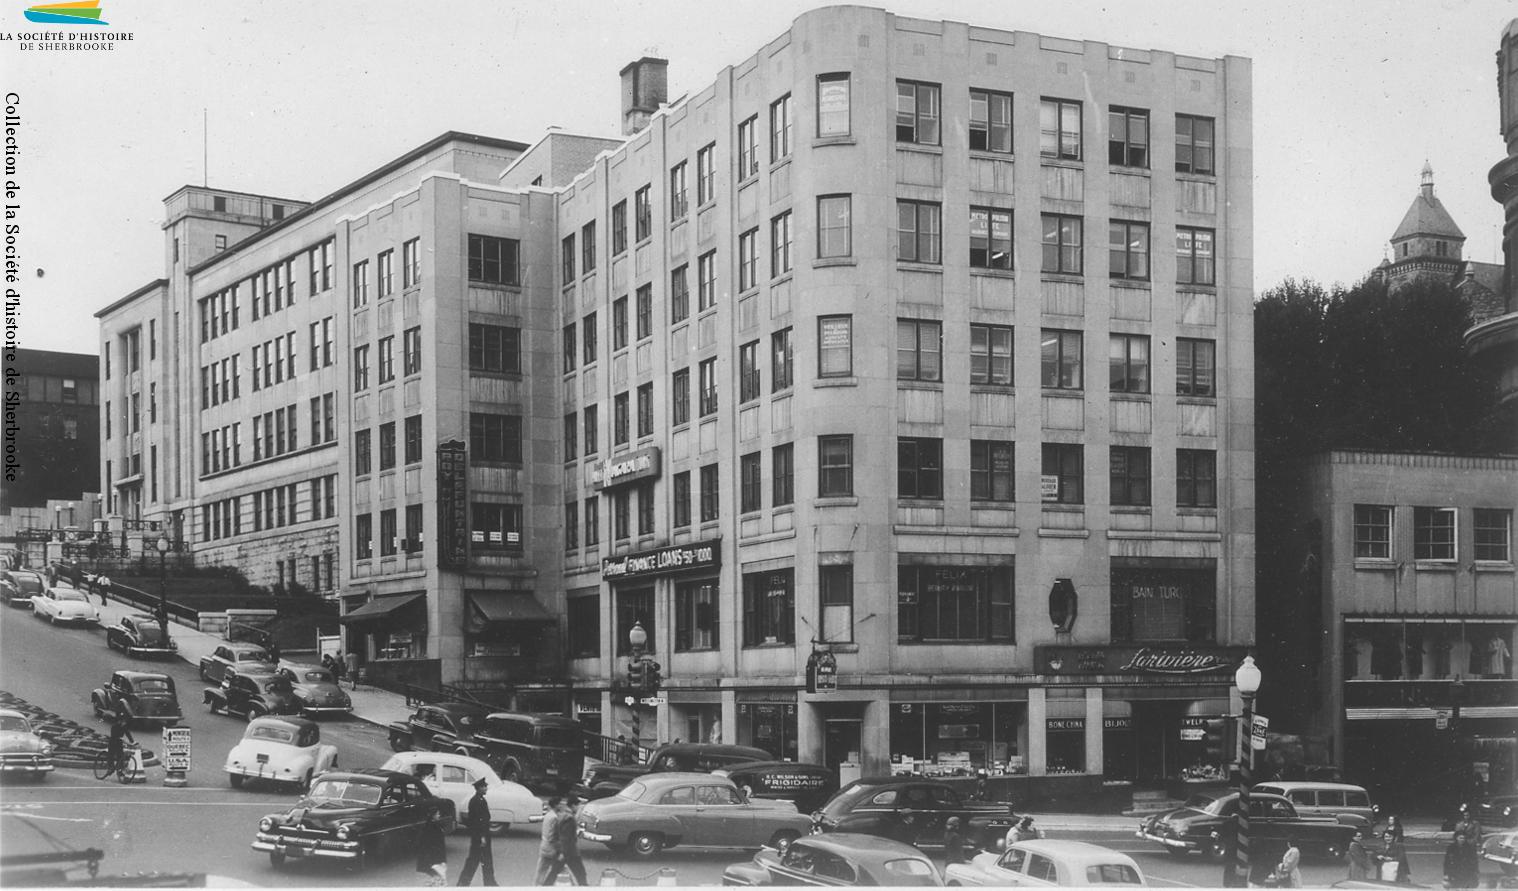 Le coin des rues King et Wellington en 1948. Le nombre de voitures à Sherbrooke explose après la fin de la Seconde Guerre mondiale, et les problèmes d'embouteillage au centre-ville sont très fréquents.